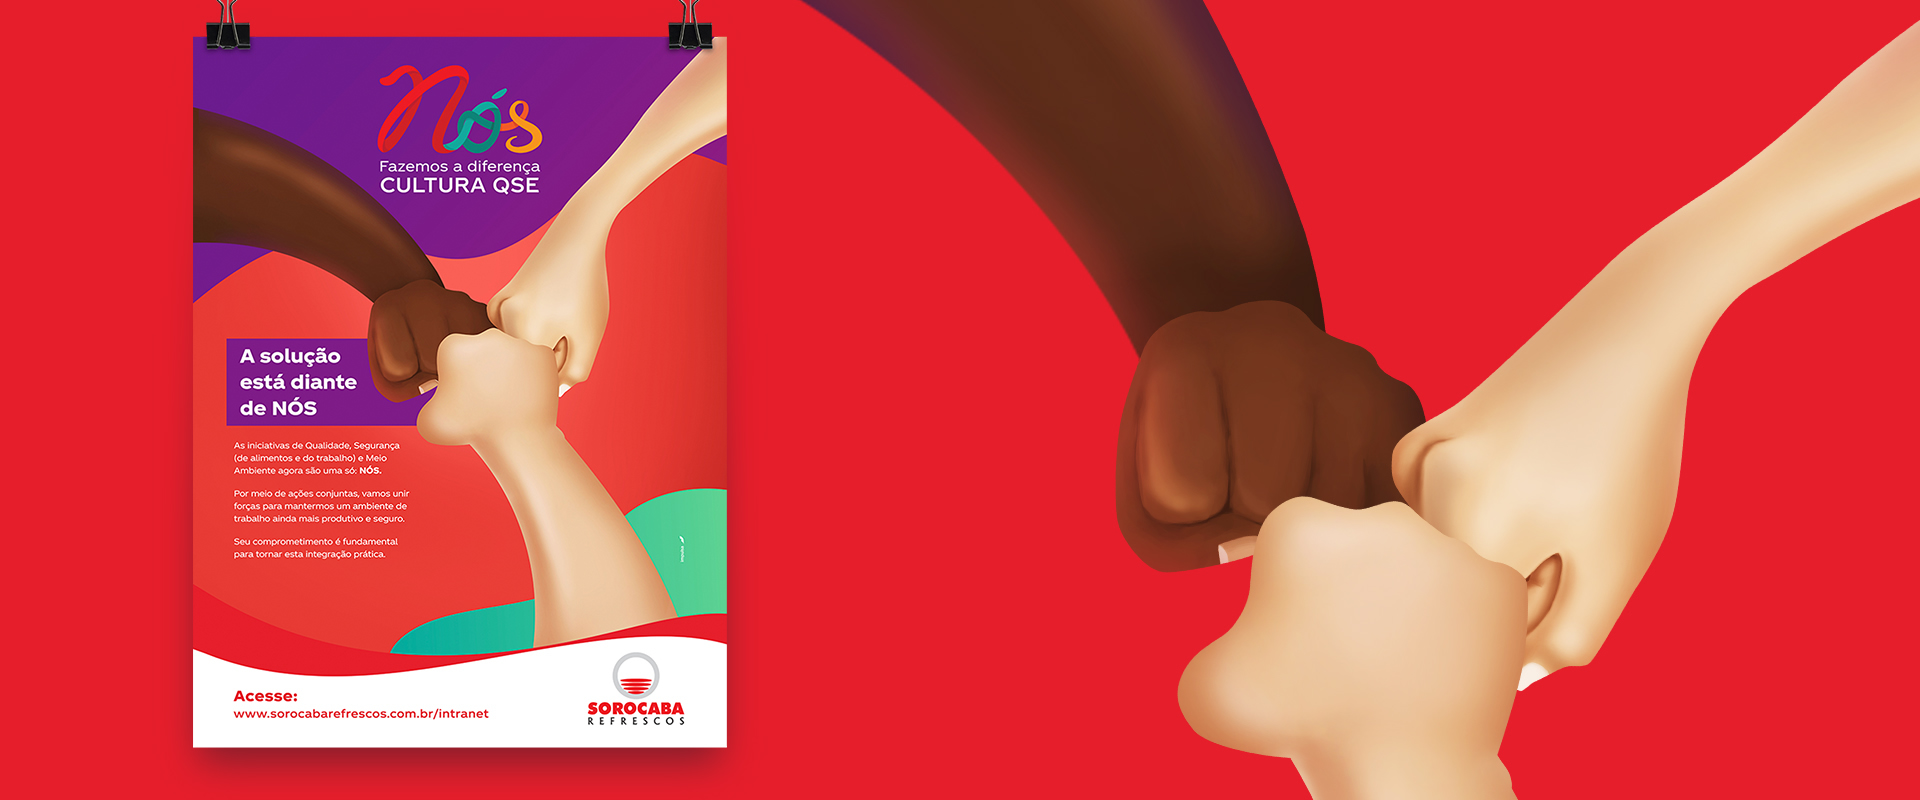 Nós, a nova iniciativa interna da Sorocaba Refrescos, franquia do Sistema Coca-Cola Brasil, é assinada pela Impulsa